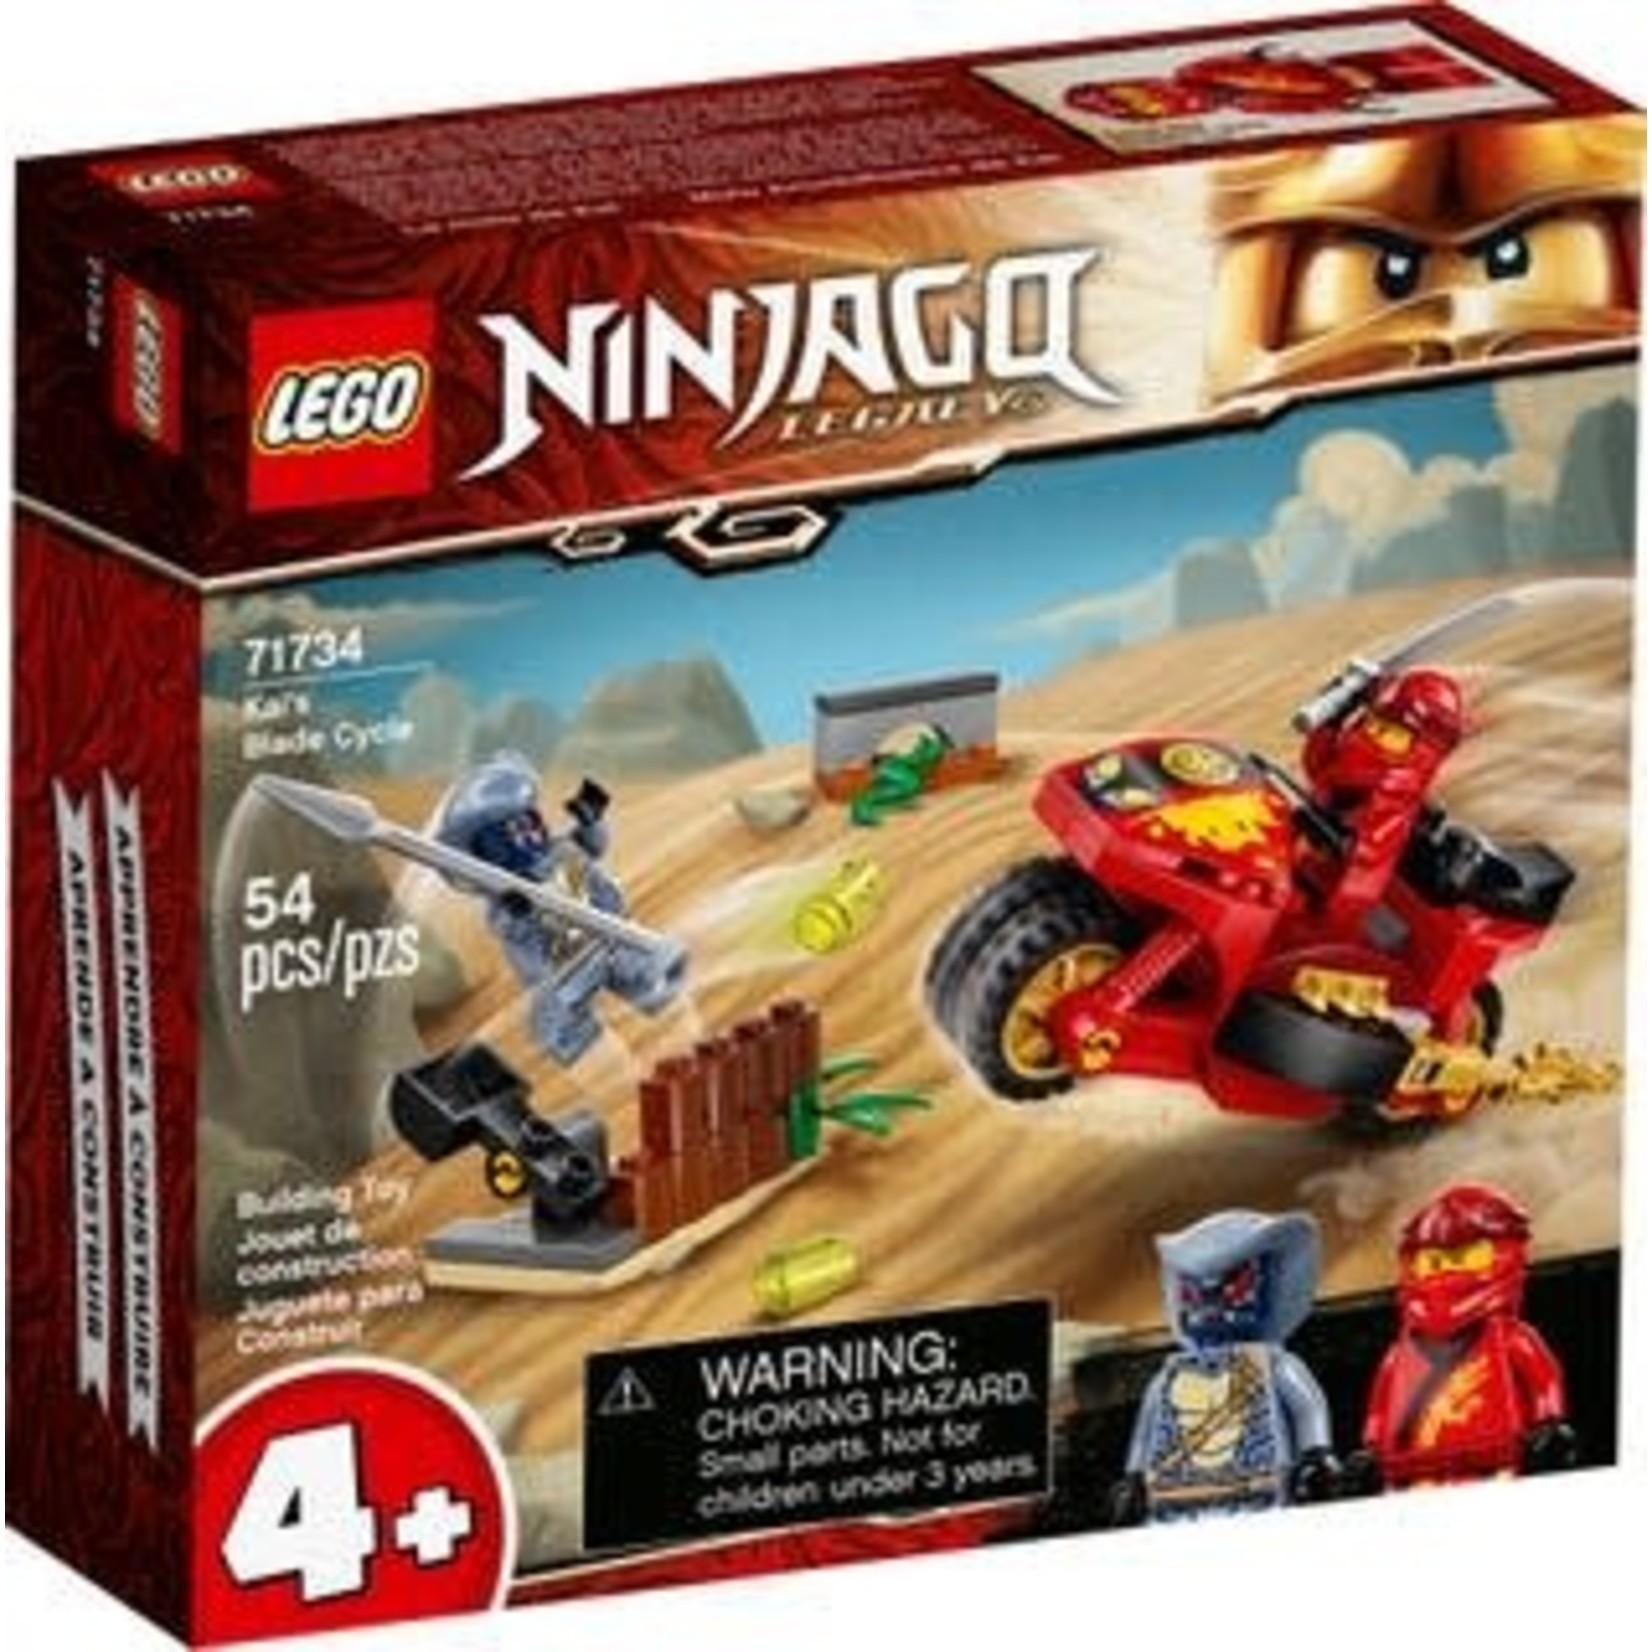 LEGO LEGO Ninjago Kai's Blade Cycle